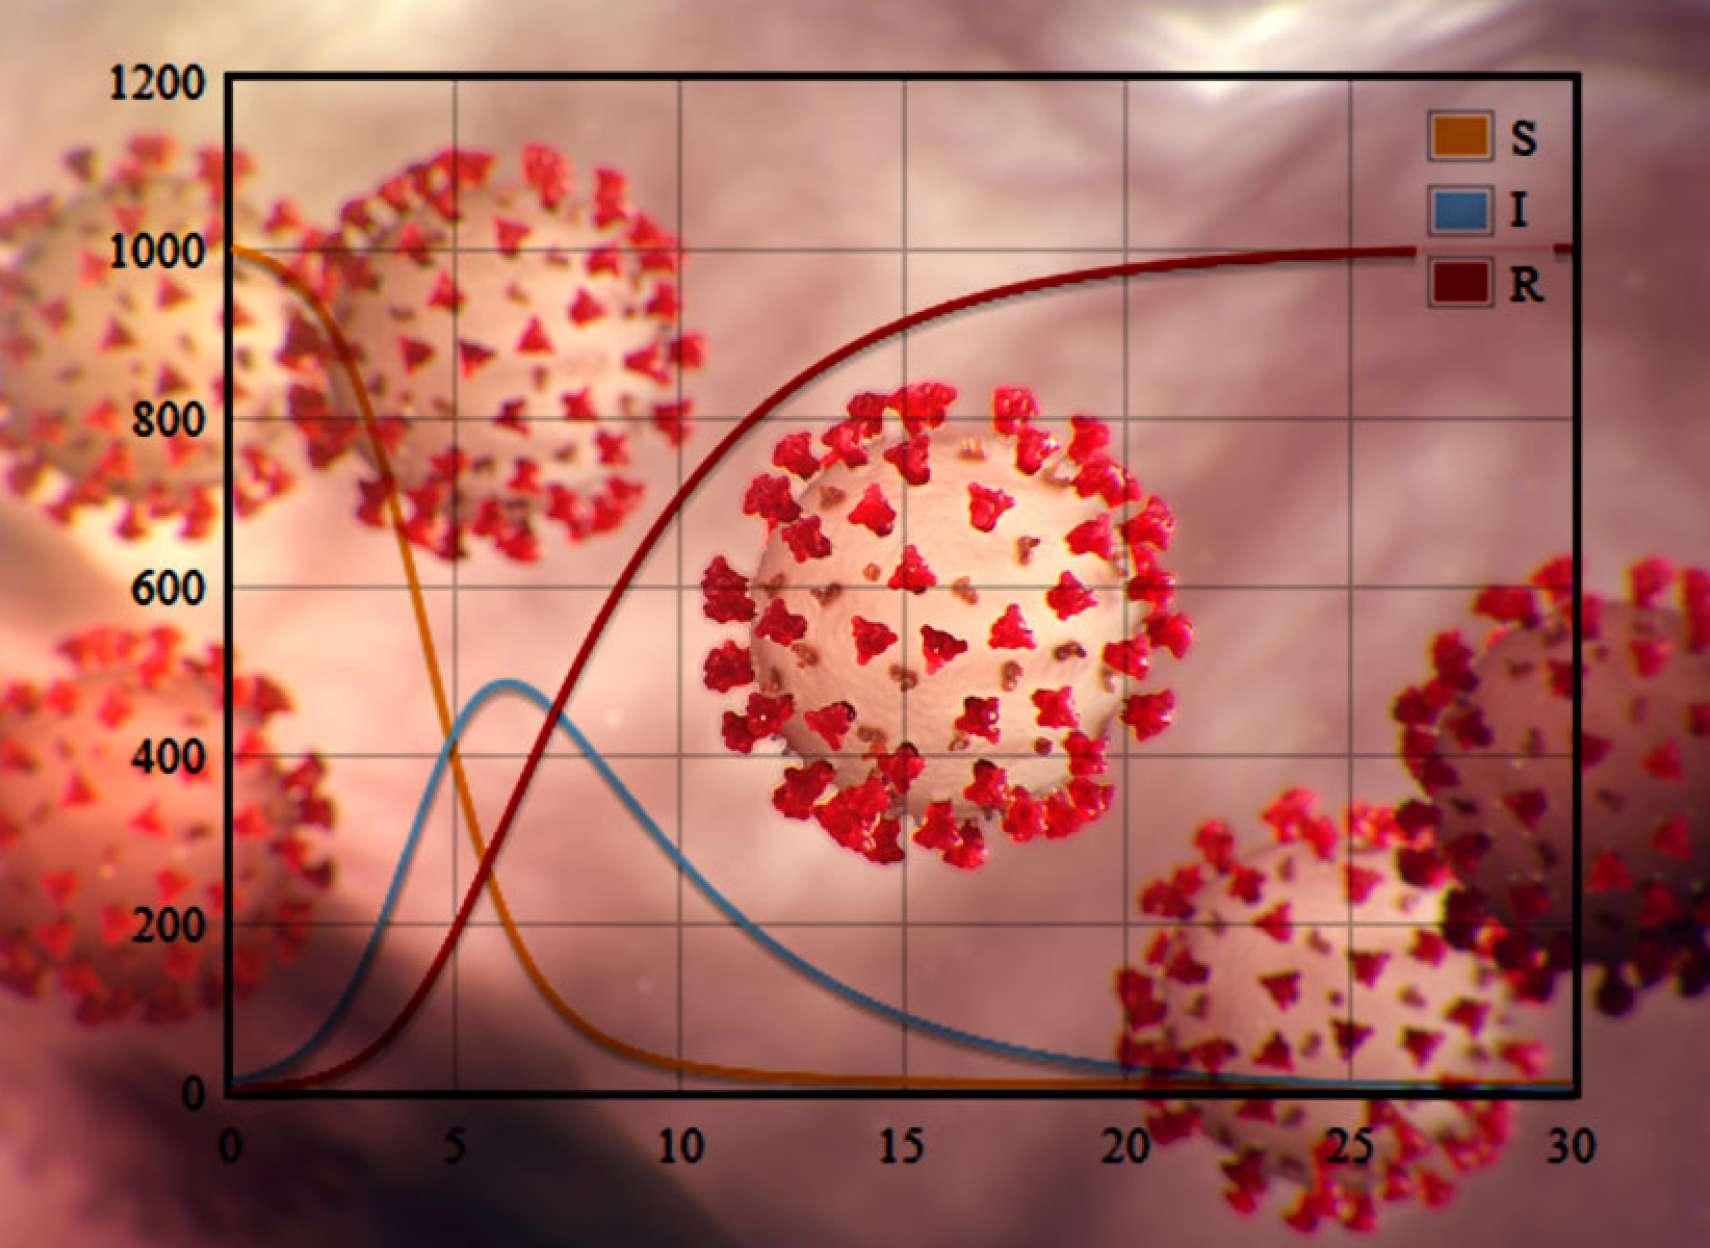 علمی-خاصه-خان-بیماری-کرونا-هم-ریاضیات-و-فاصله-اجتماعی-حل-می-کند